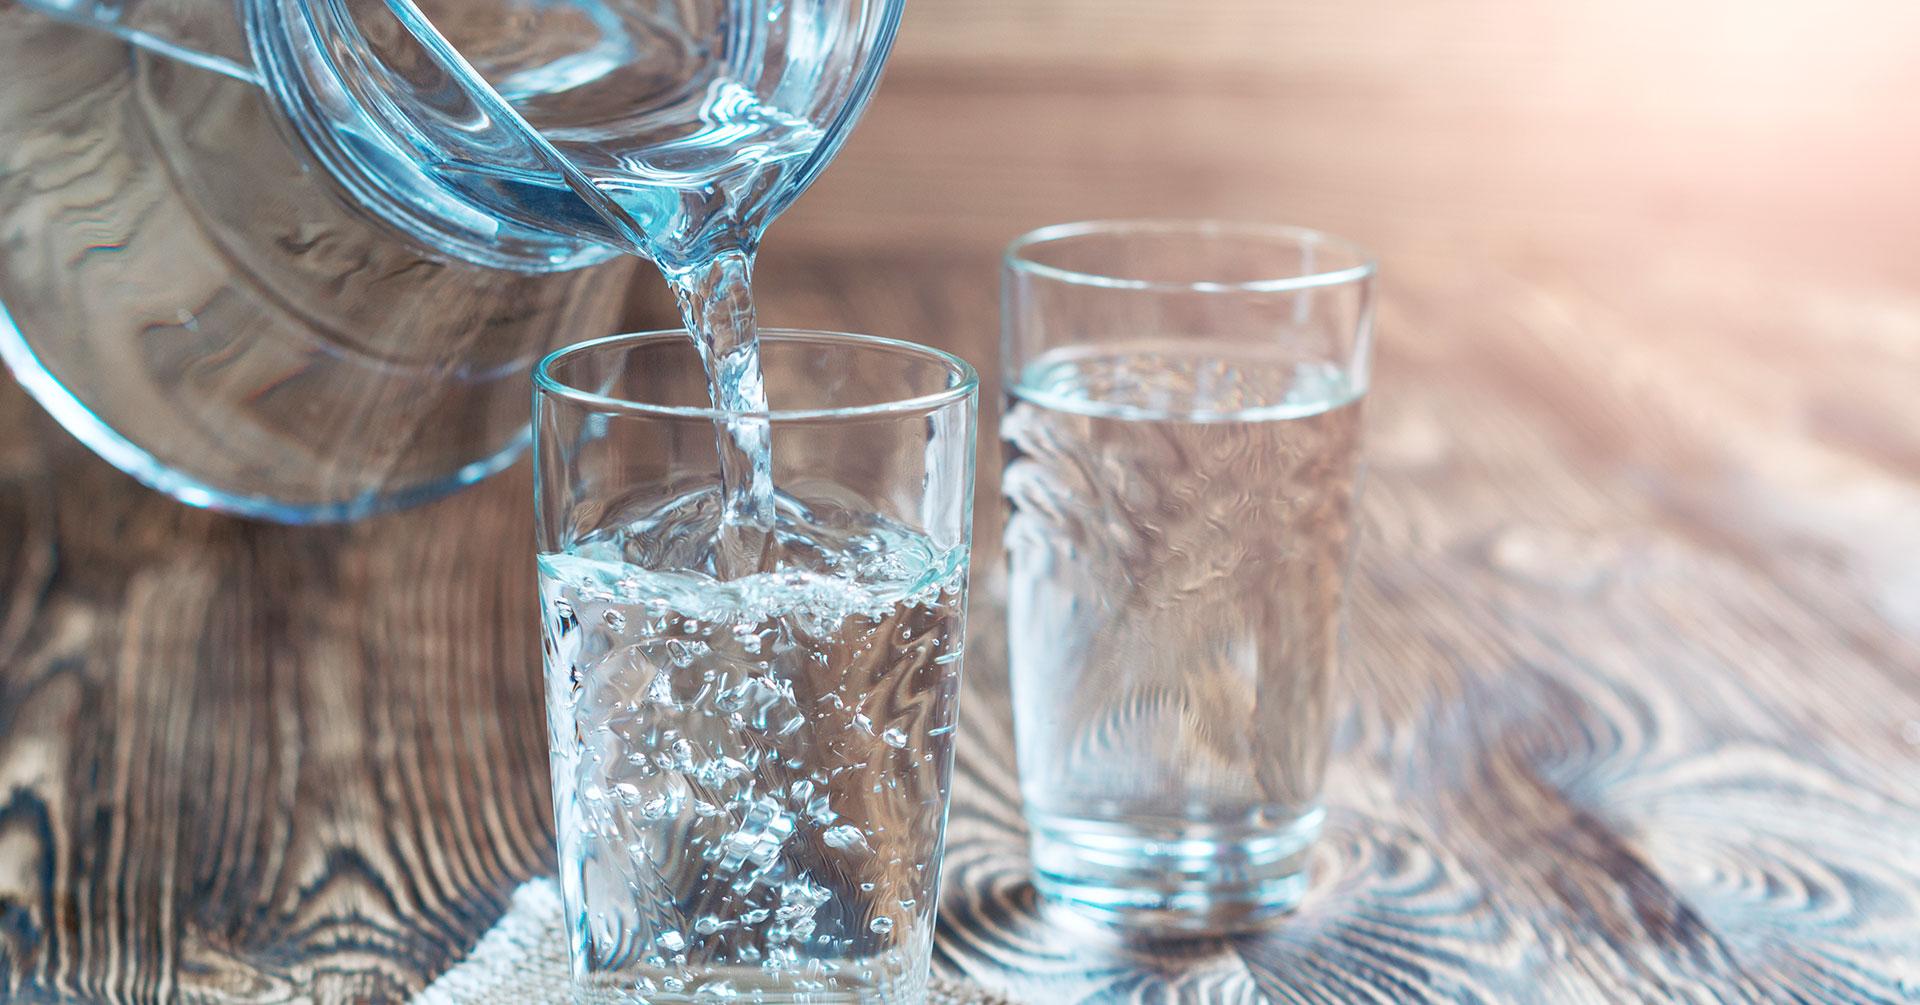 La importancia de la hidratación para tu salud